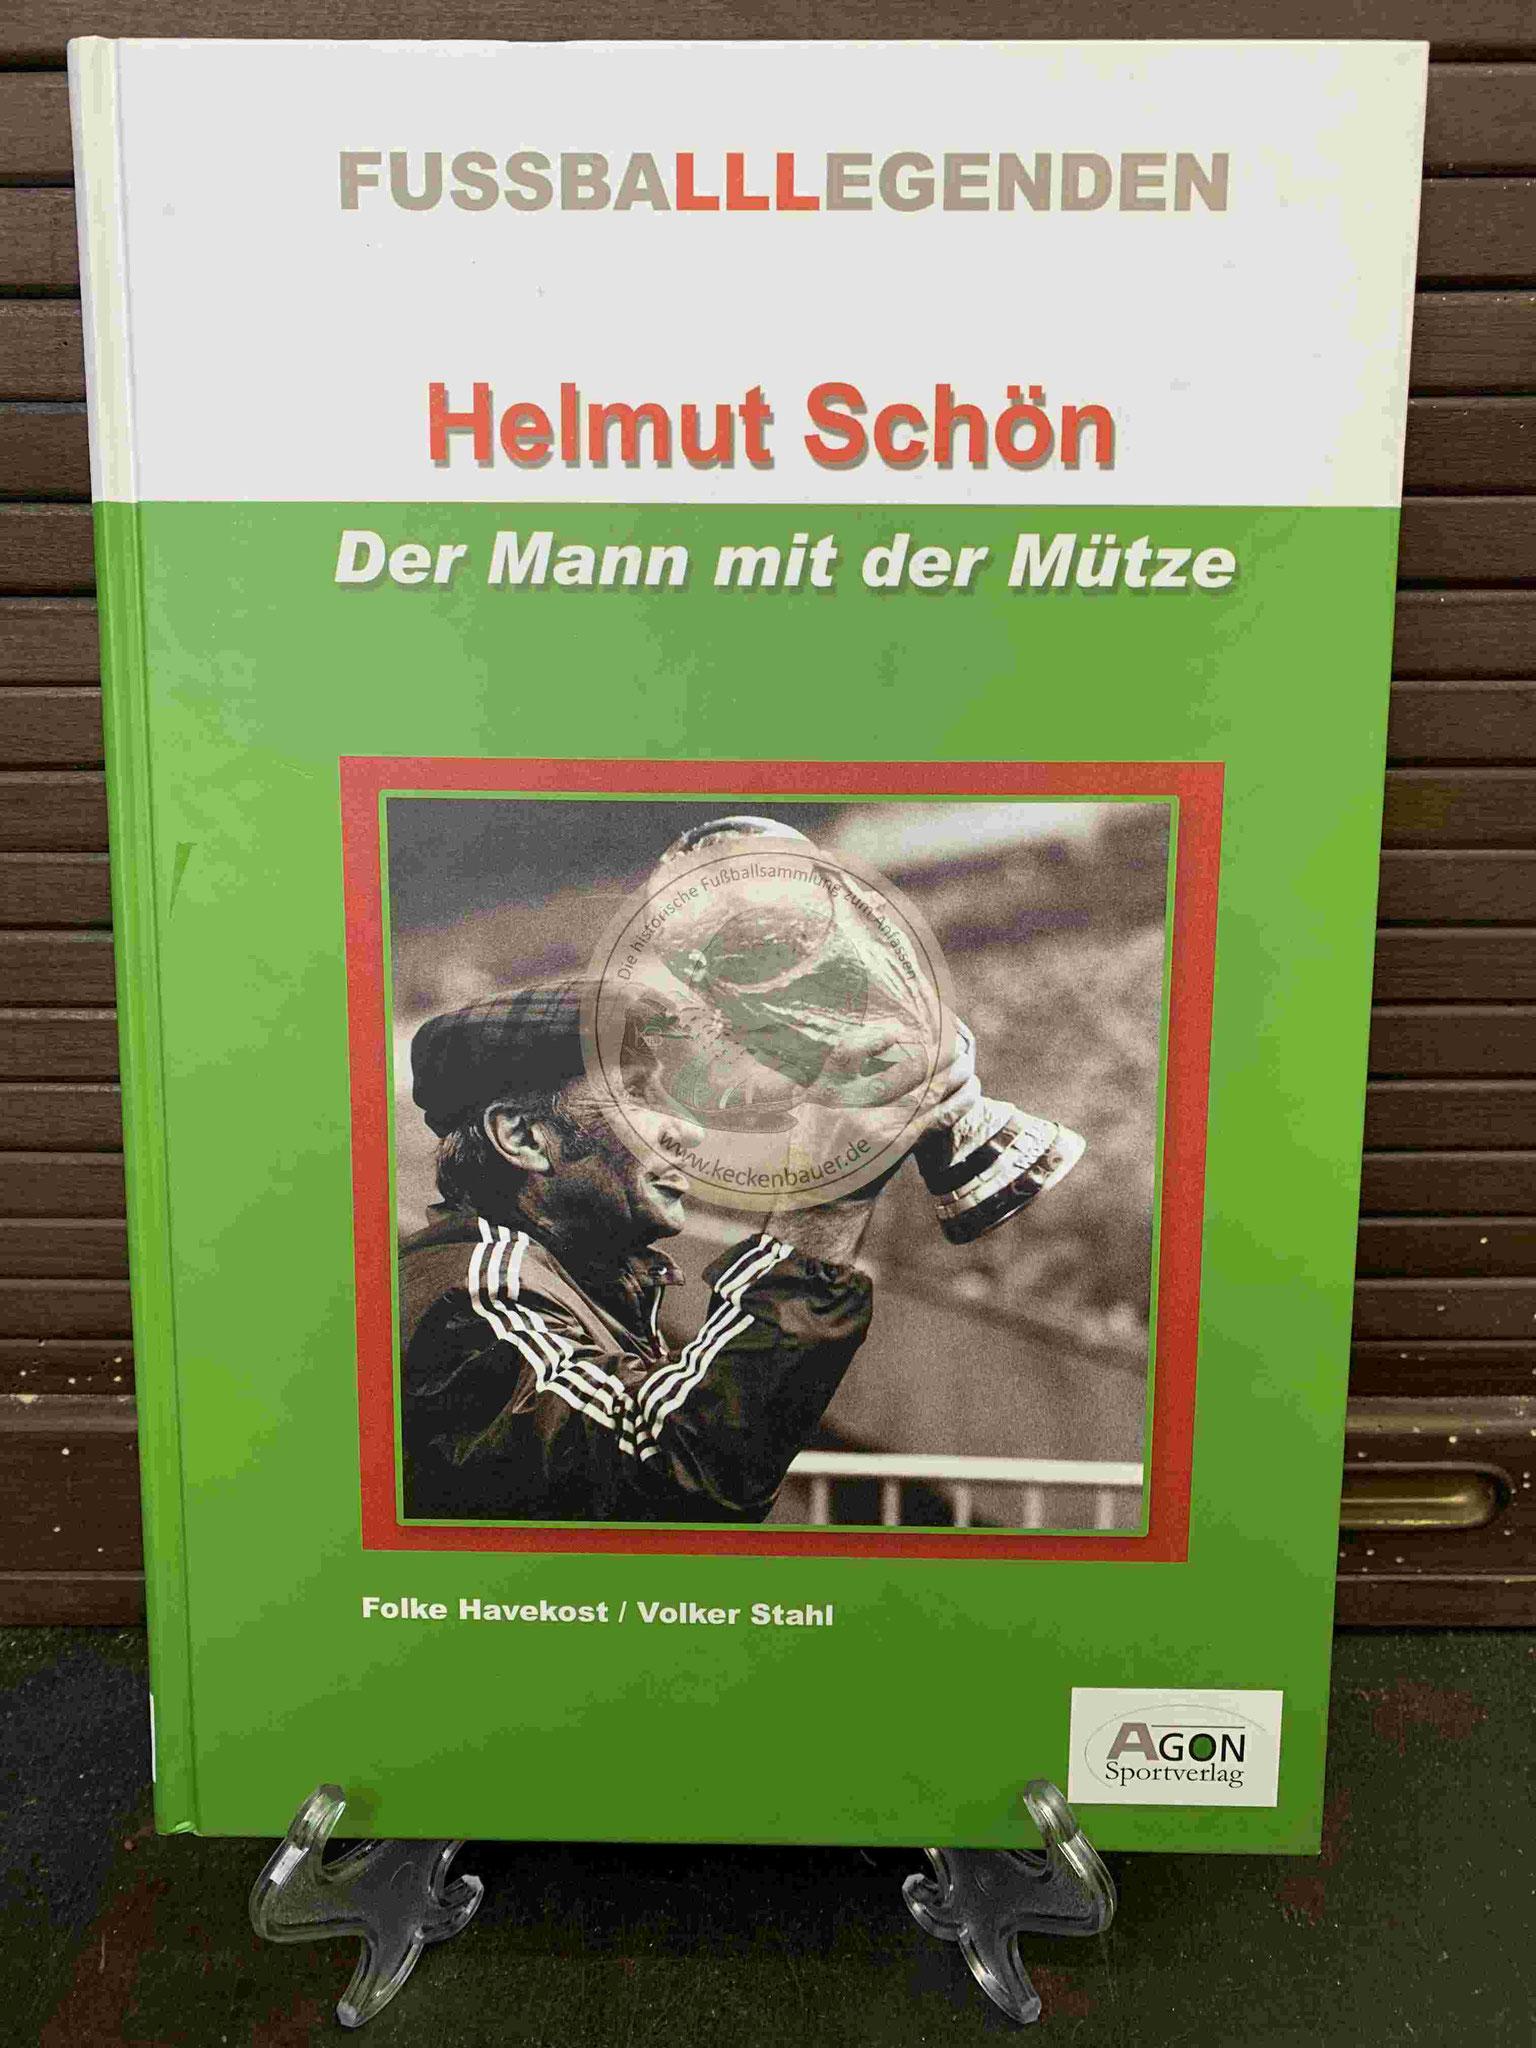 Helmut Schön Der Mann mit der Mütze aus dem Jahr 2006